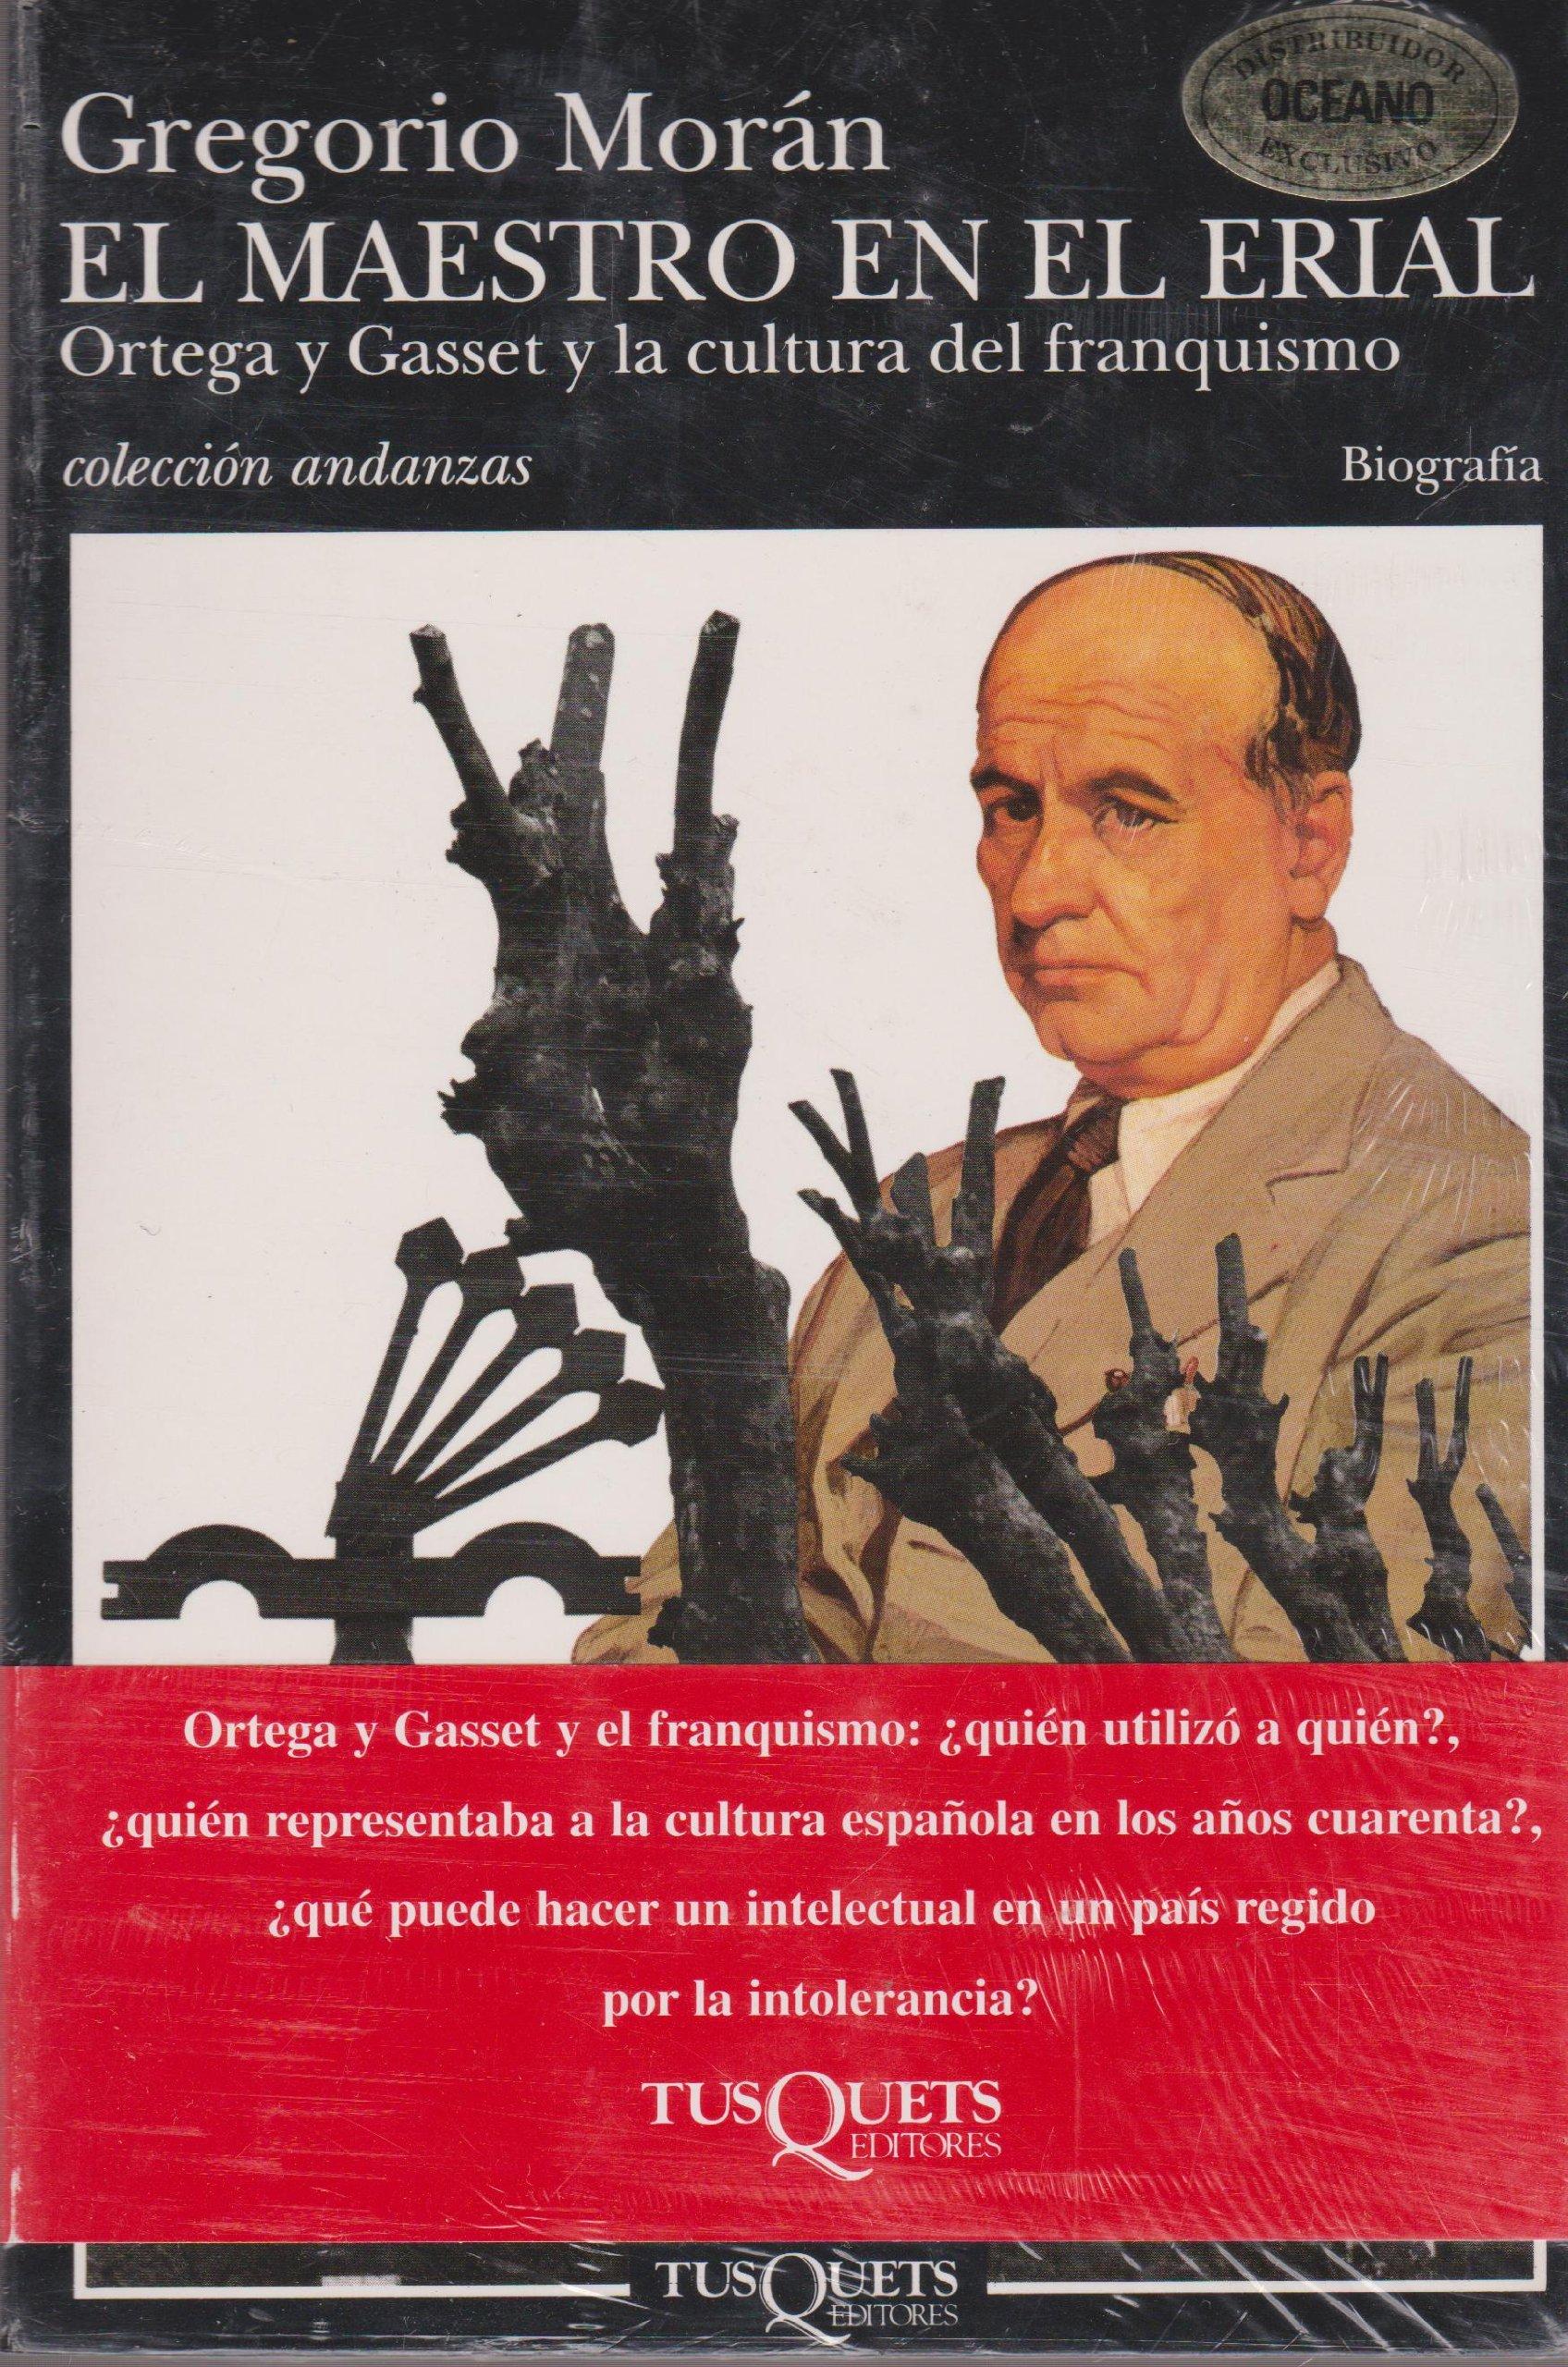 El maestro en el erial (Volumen independiente): Amazon.es: Moran, Gregorio: Libros